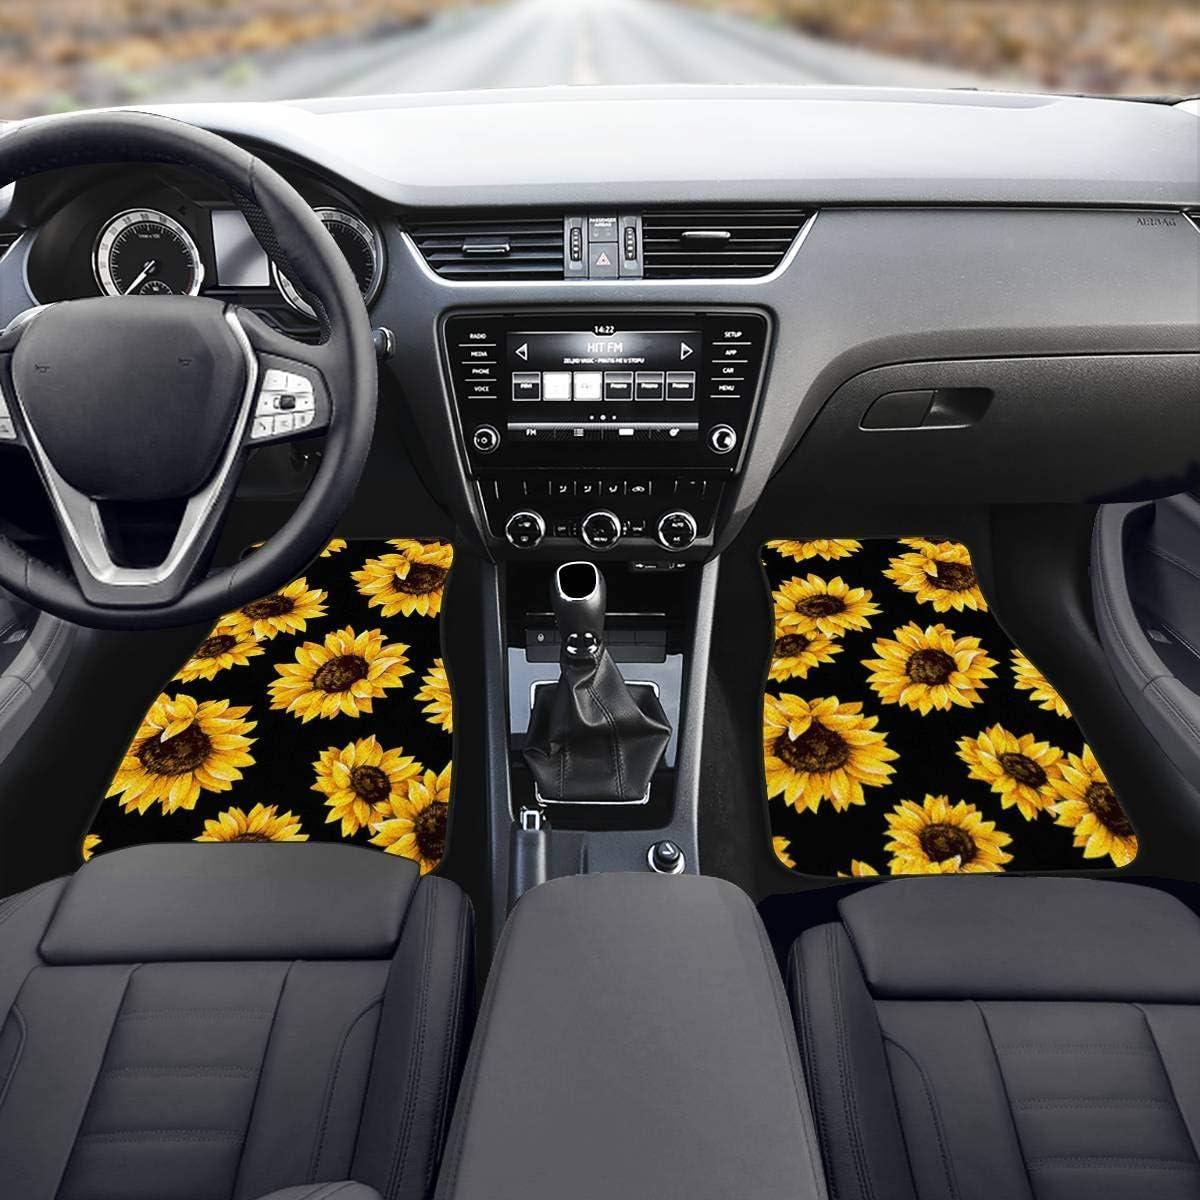 Tupalatus Animal Wolf Print Car Floor Mats Sets Lightweight Rubber Car Rug Interior Protection Decor 4 Piece Front /& Rear Car Mat Set